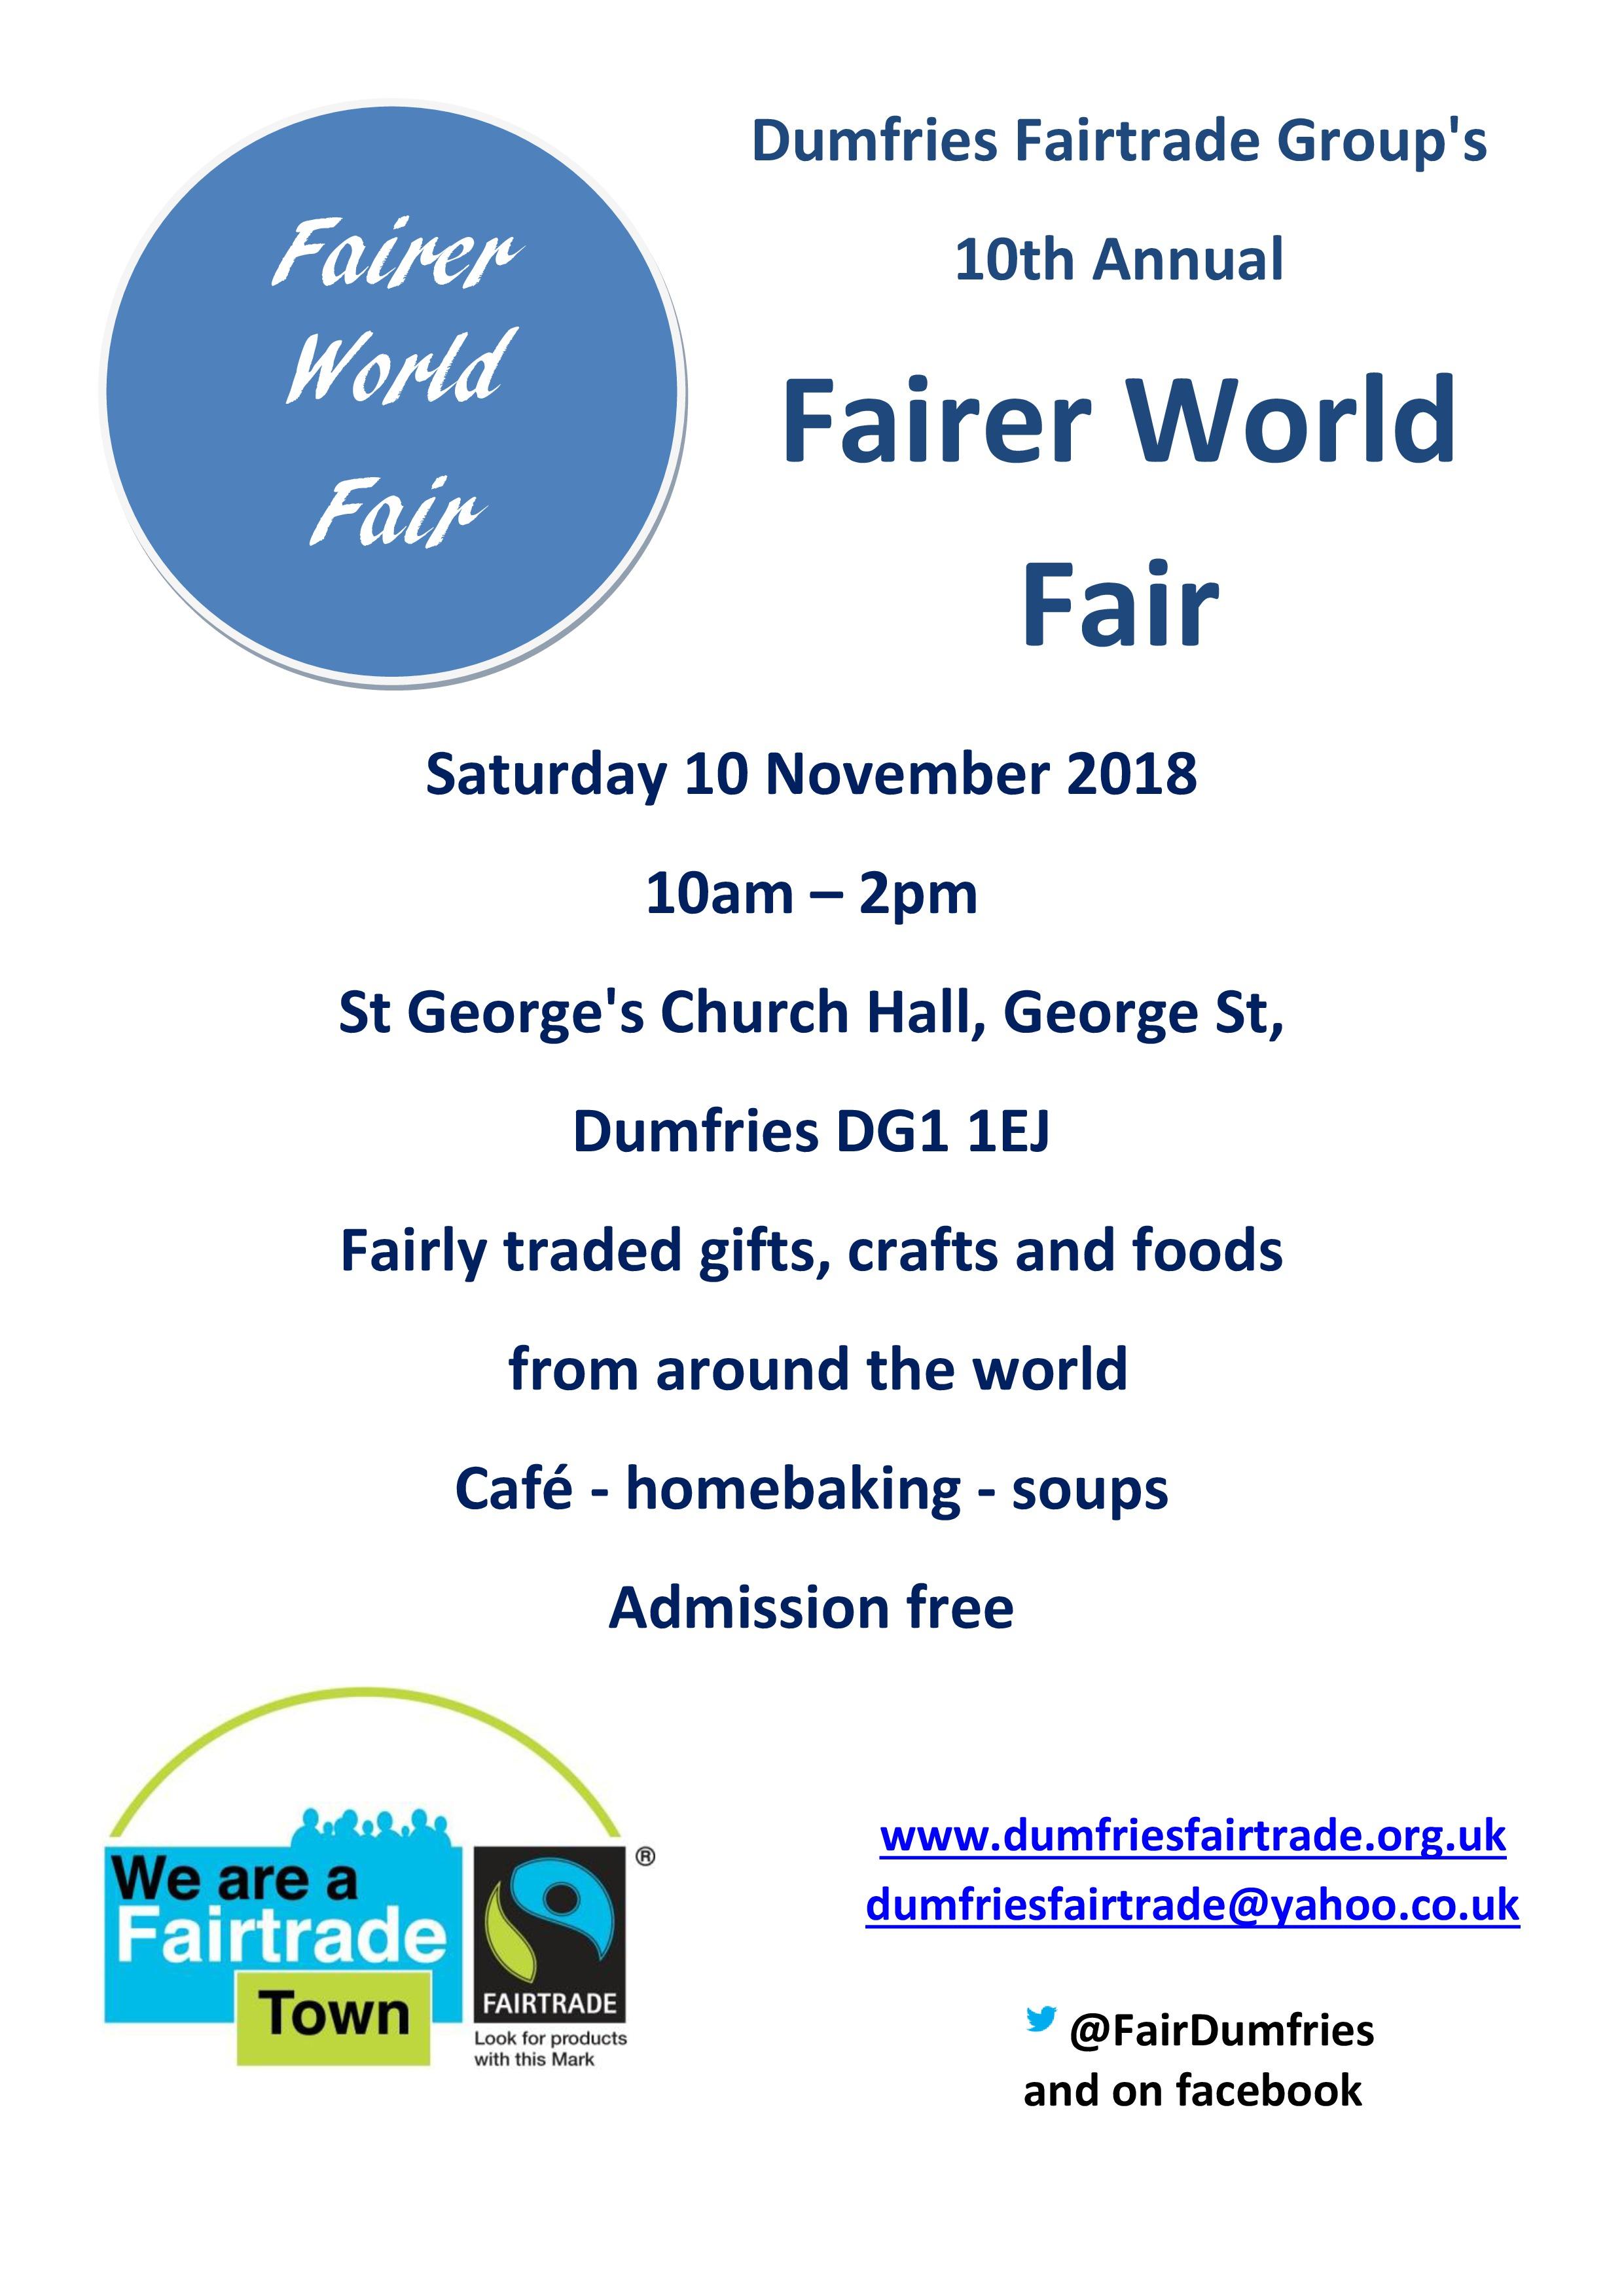 Fairer World Fair 2018 jpg